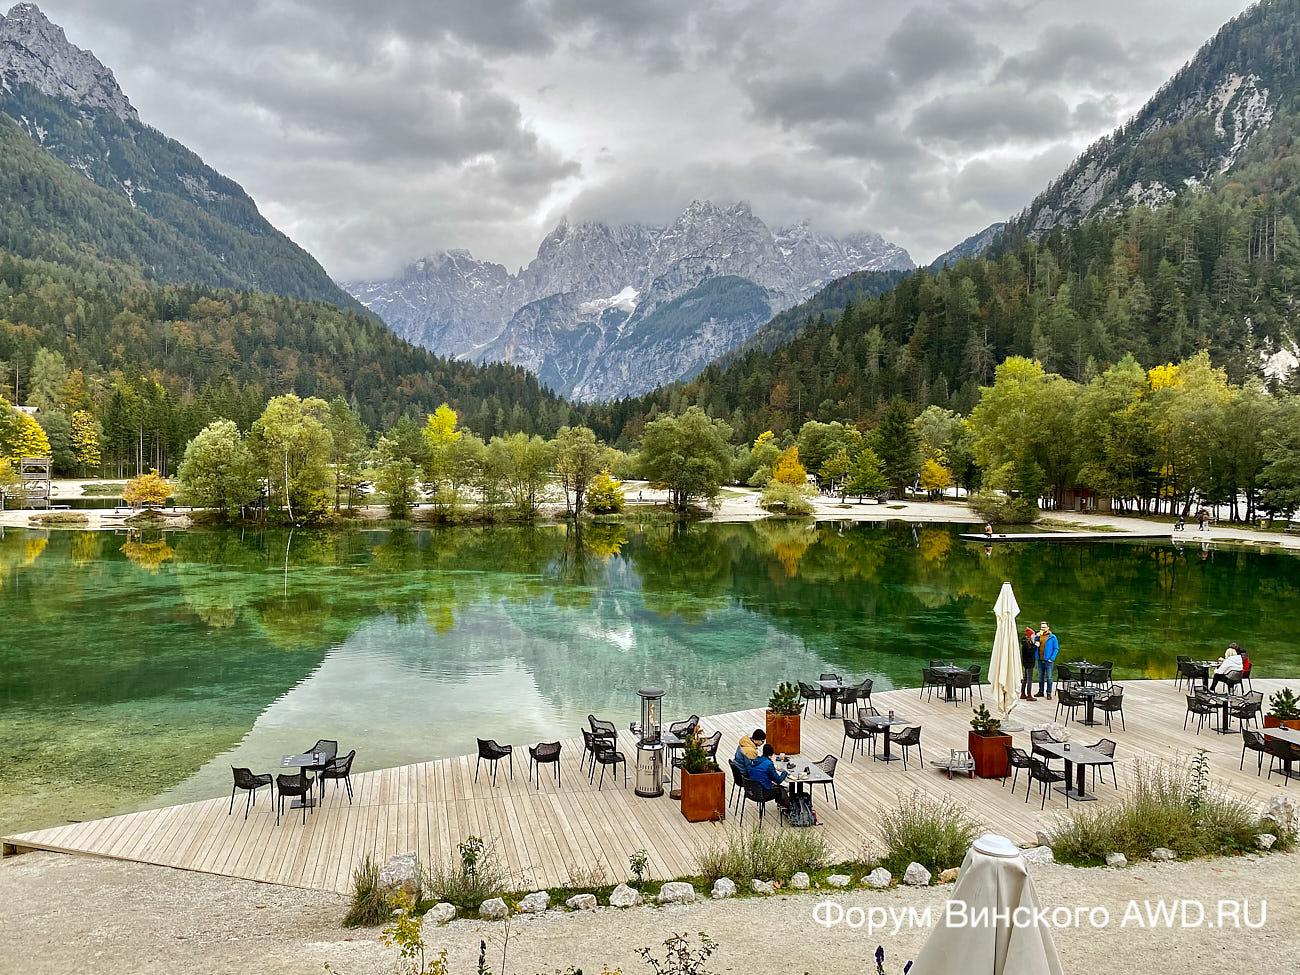 Хорватия - Словения - Италия в эти выходные на машине (октябрь 2021)